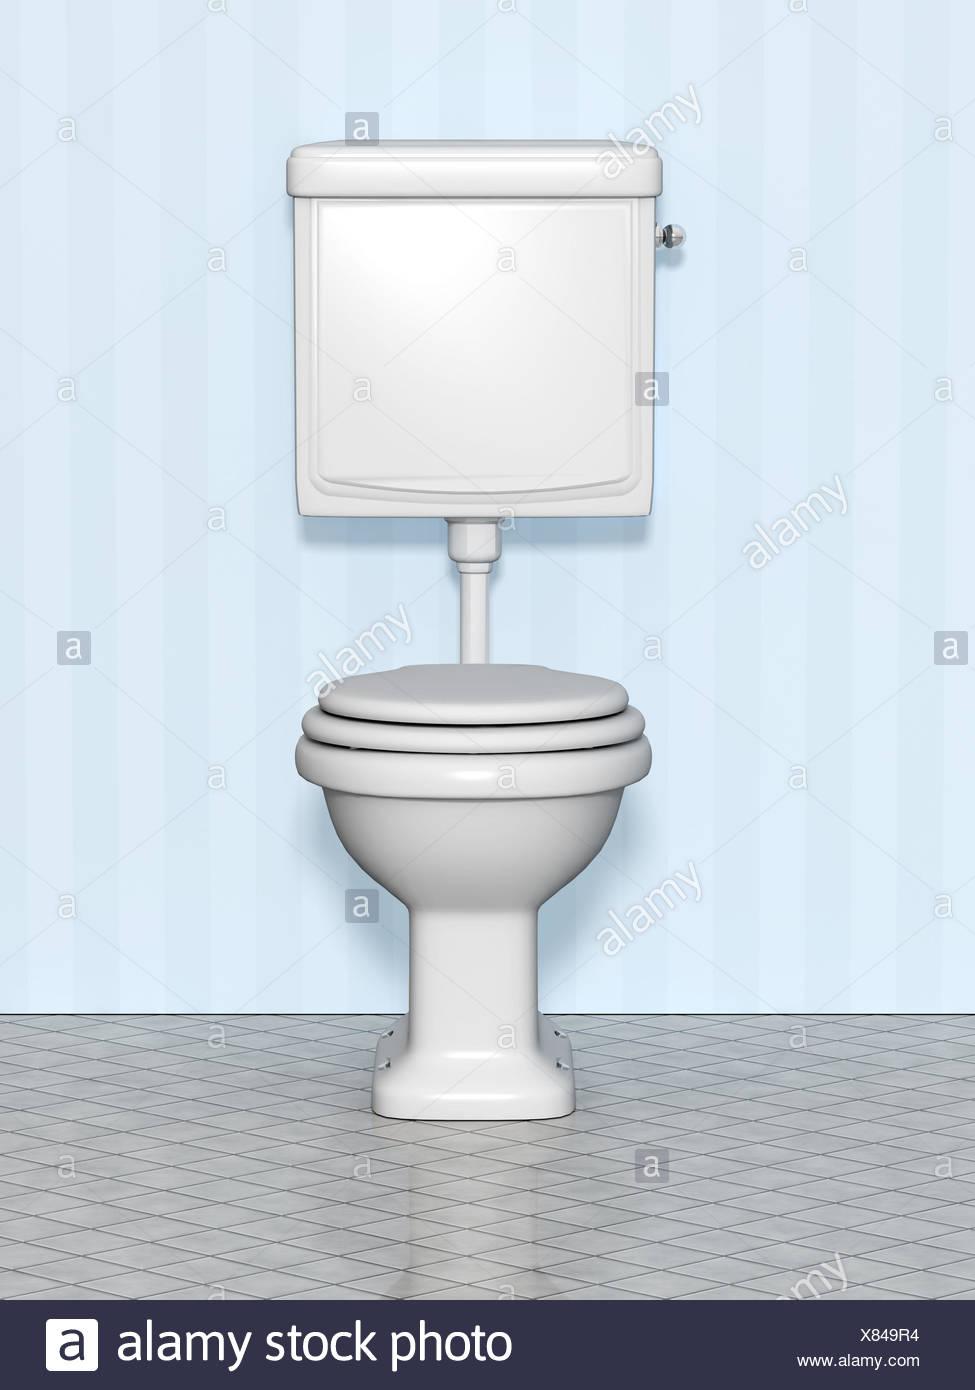 Fantastisch Toilettenhocker Holz Zeitgenössisch - Innenarchitektur ...